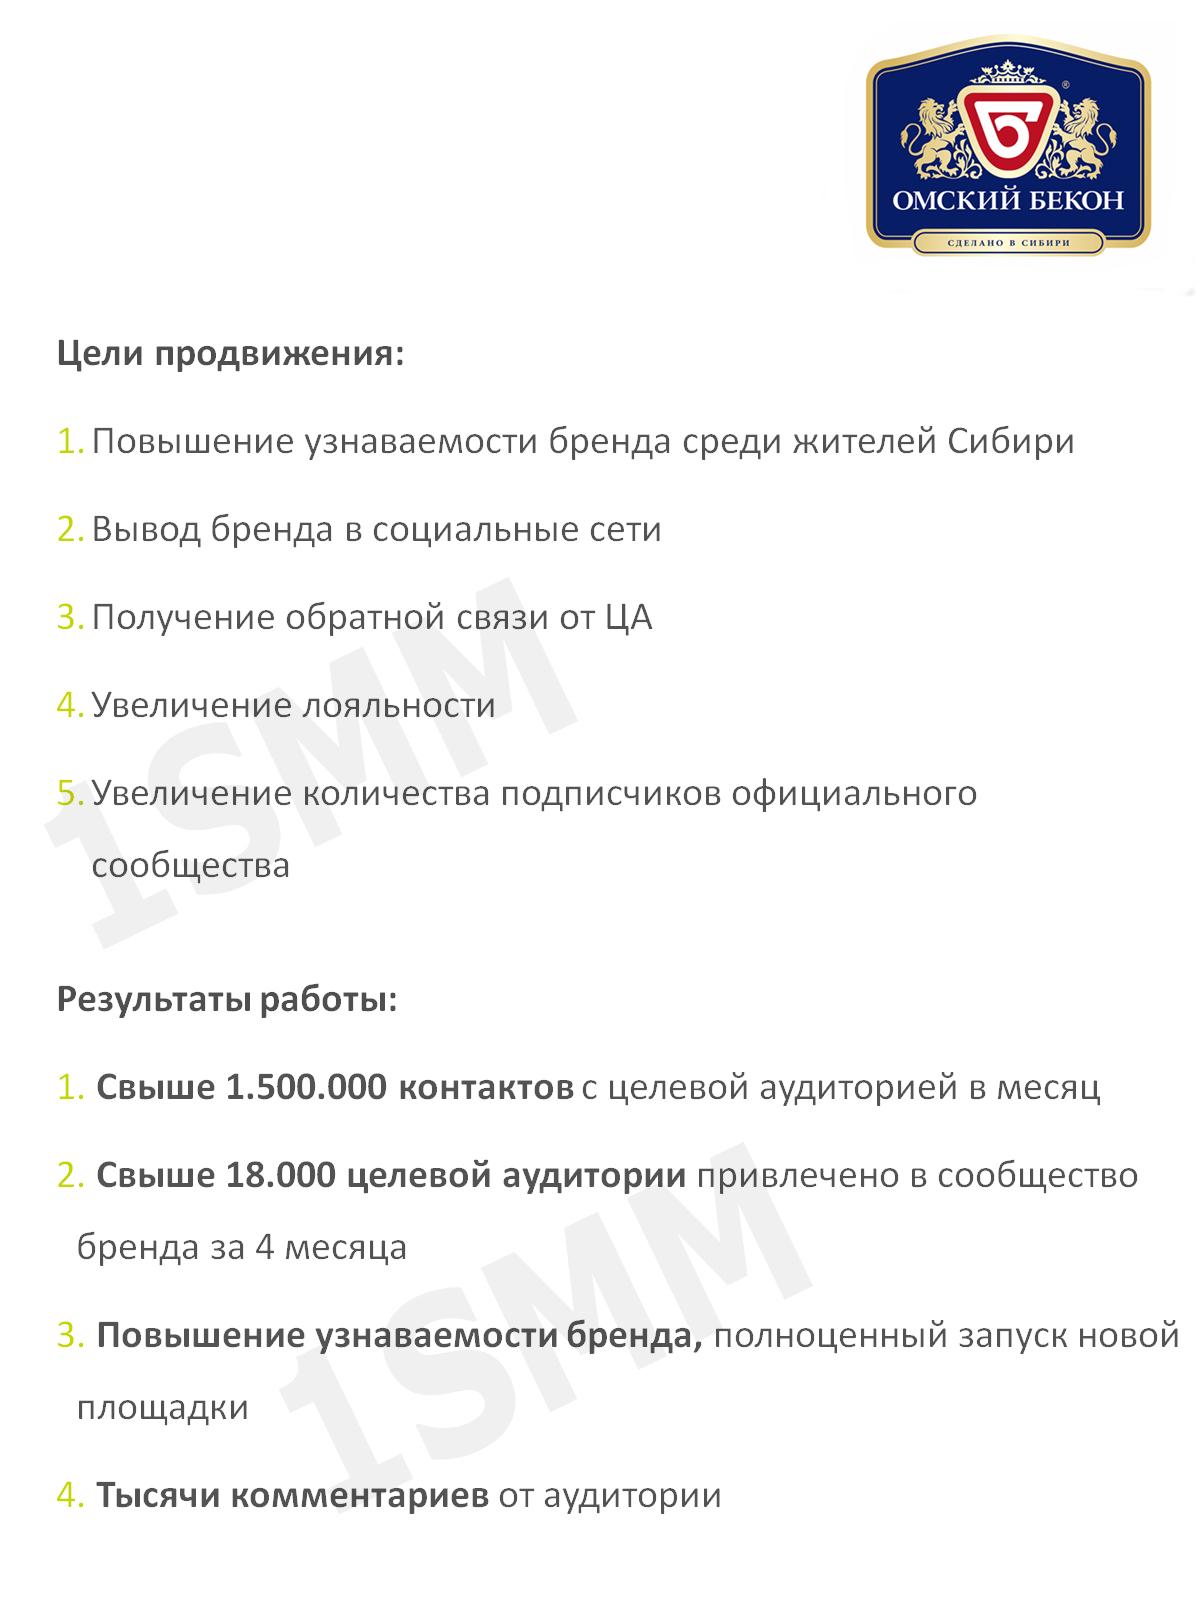 Повышение узнаваемости бренда «Омский Бекон» во Вконтакте